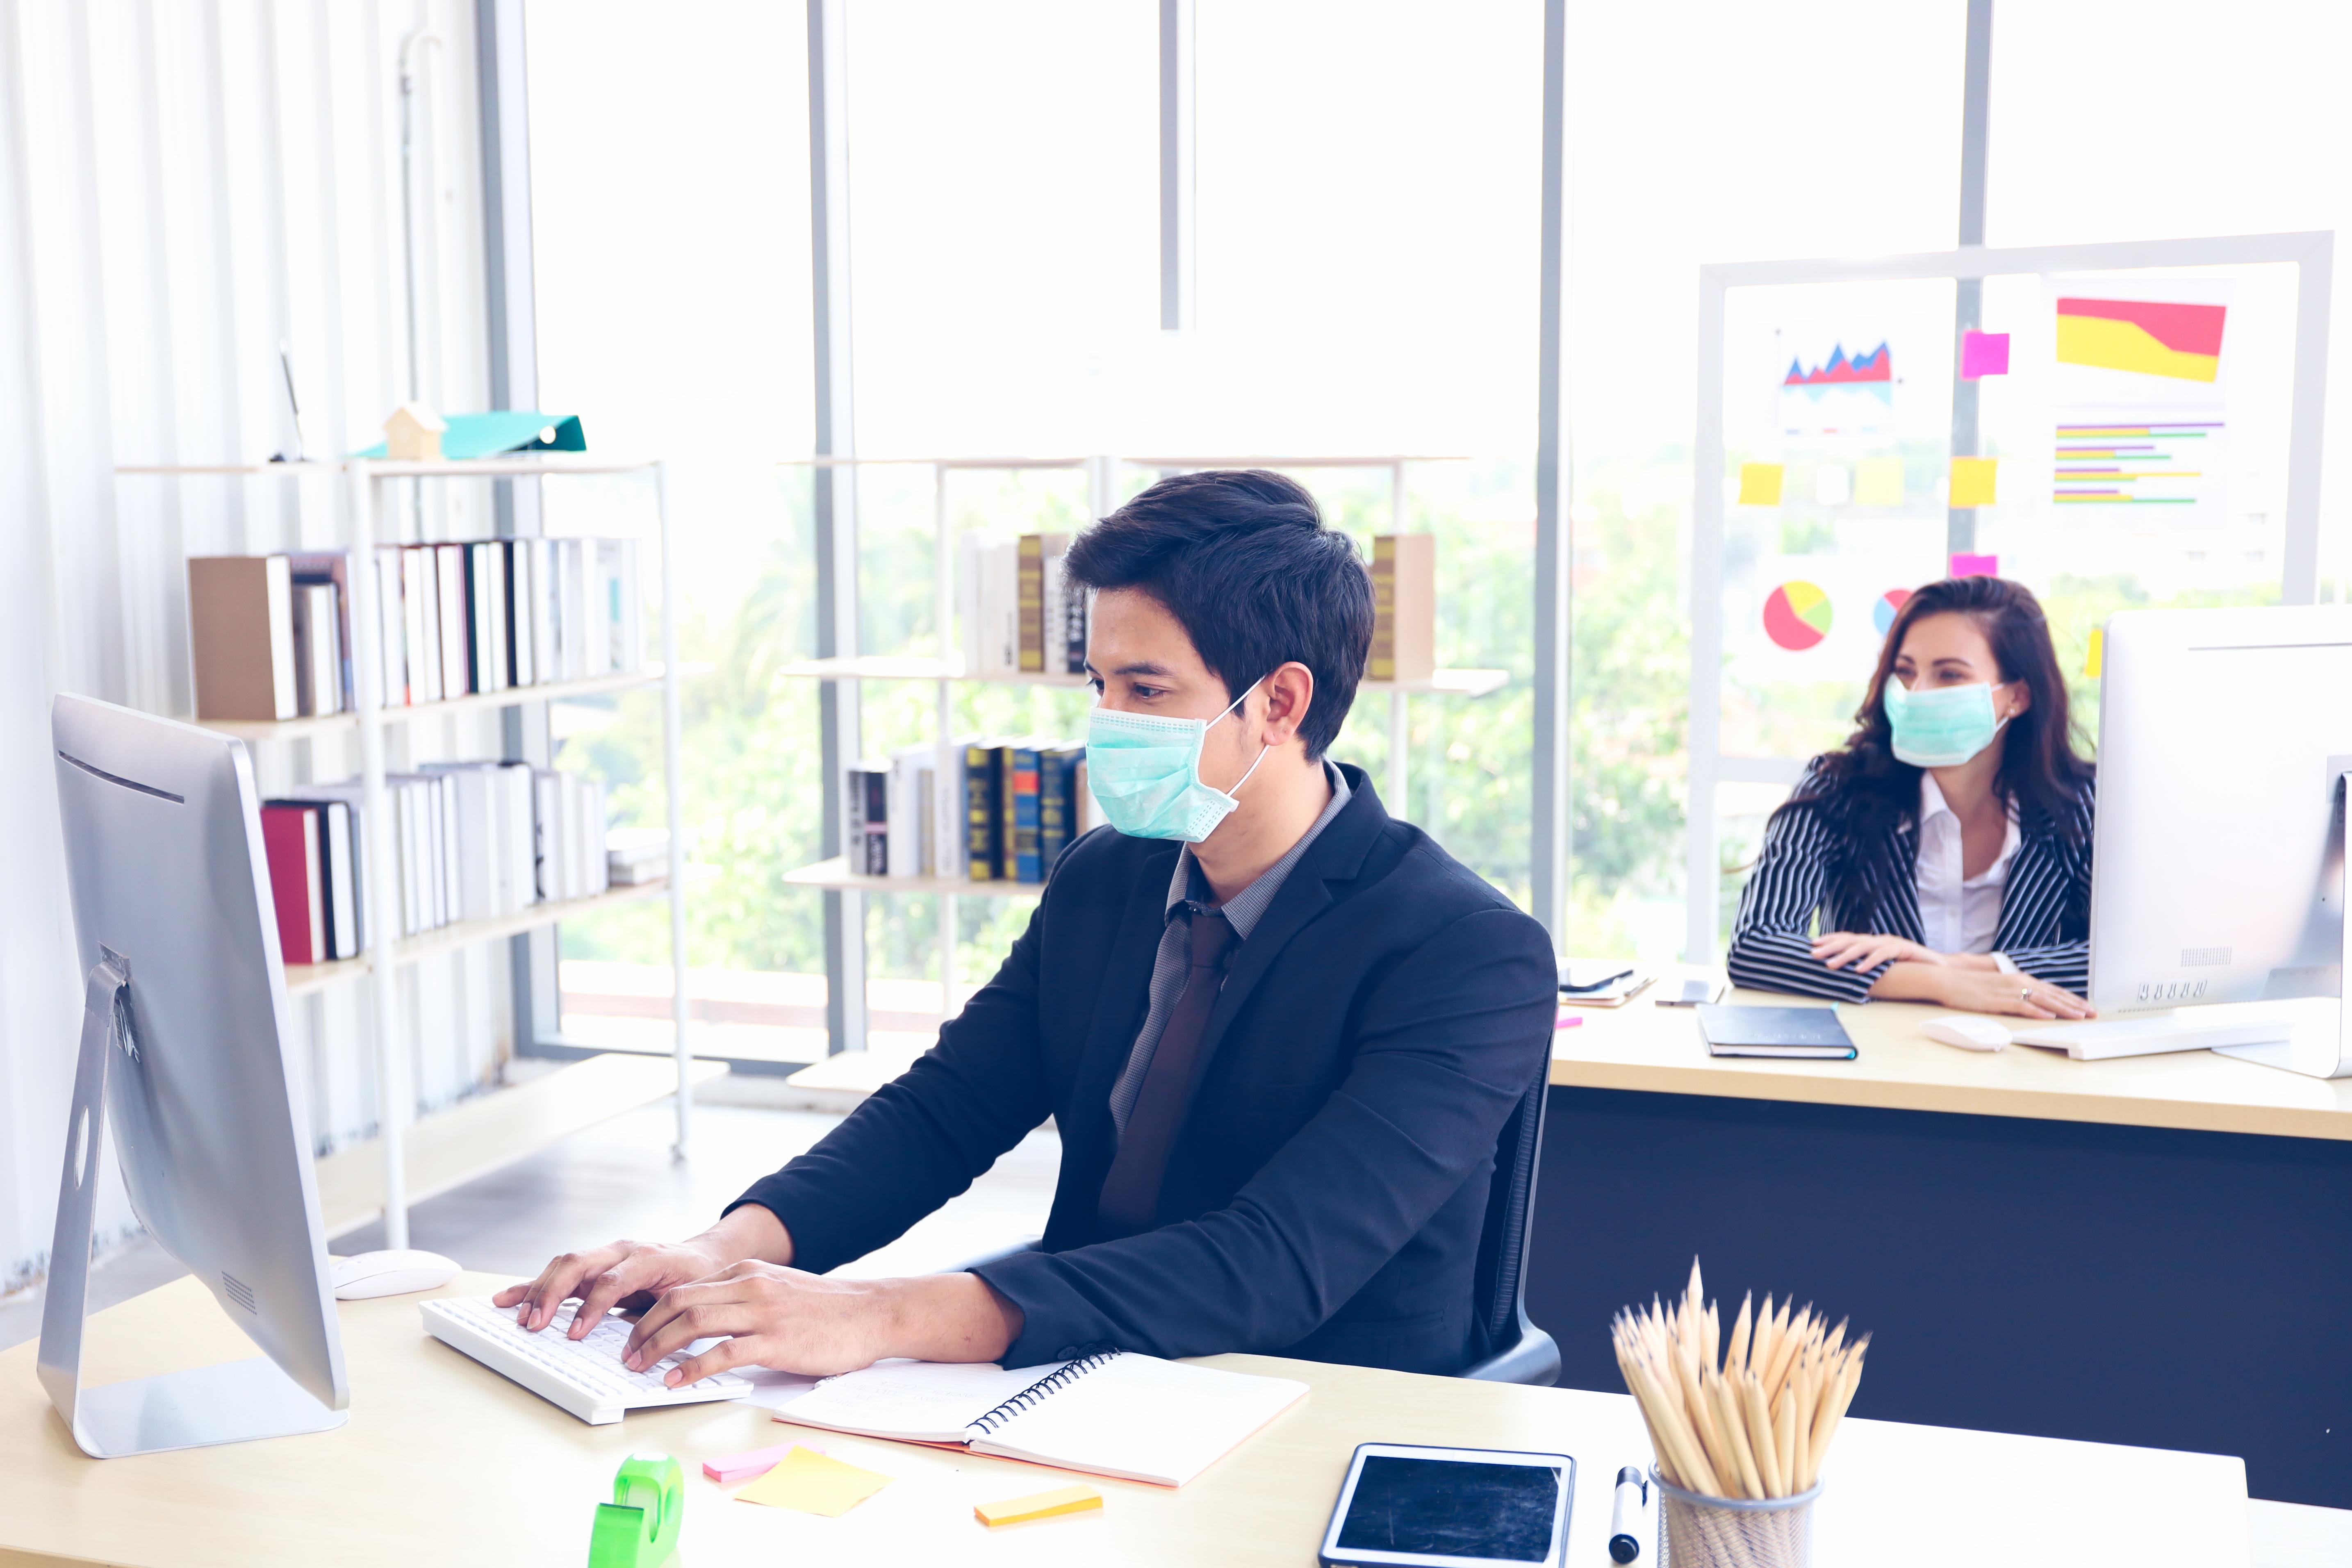 Voici le protocole pour la gestion du risque de contamination dans les lieux de travail